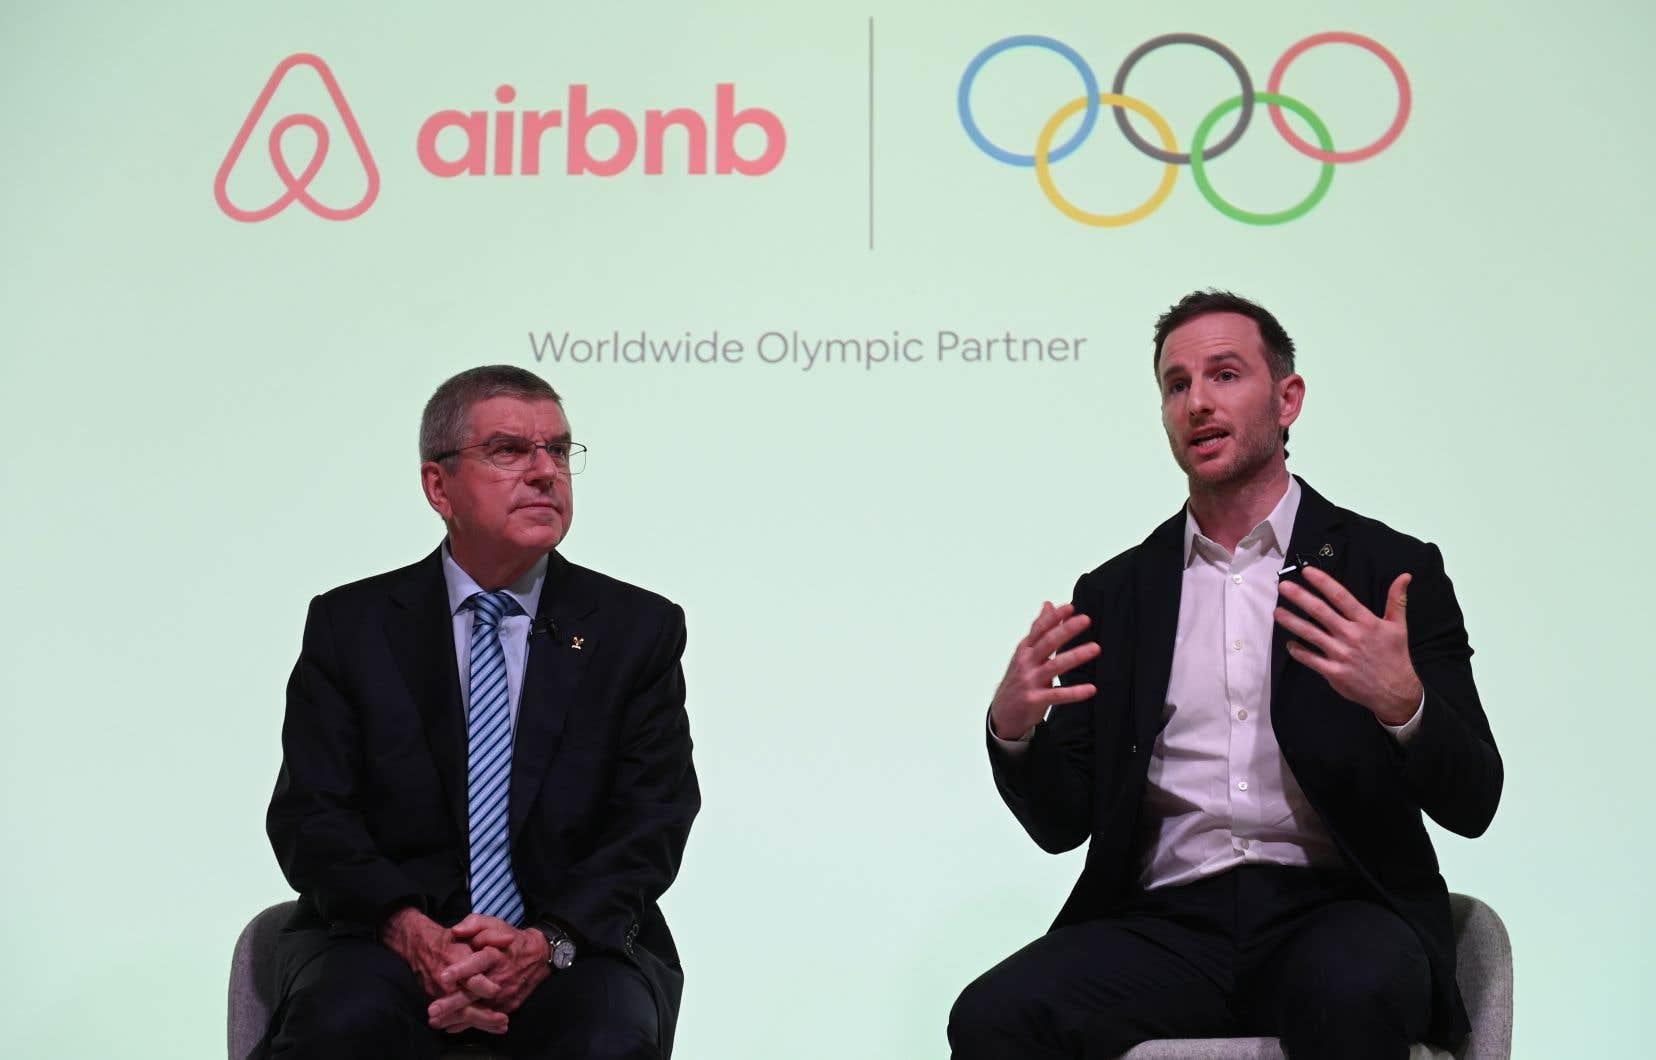 Le président du CIO, Thomas Bach, aux côtés du cofondateur d'Airbnb, Joe Gebbia